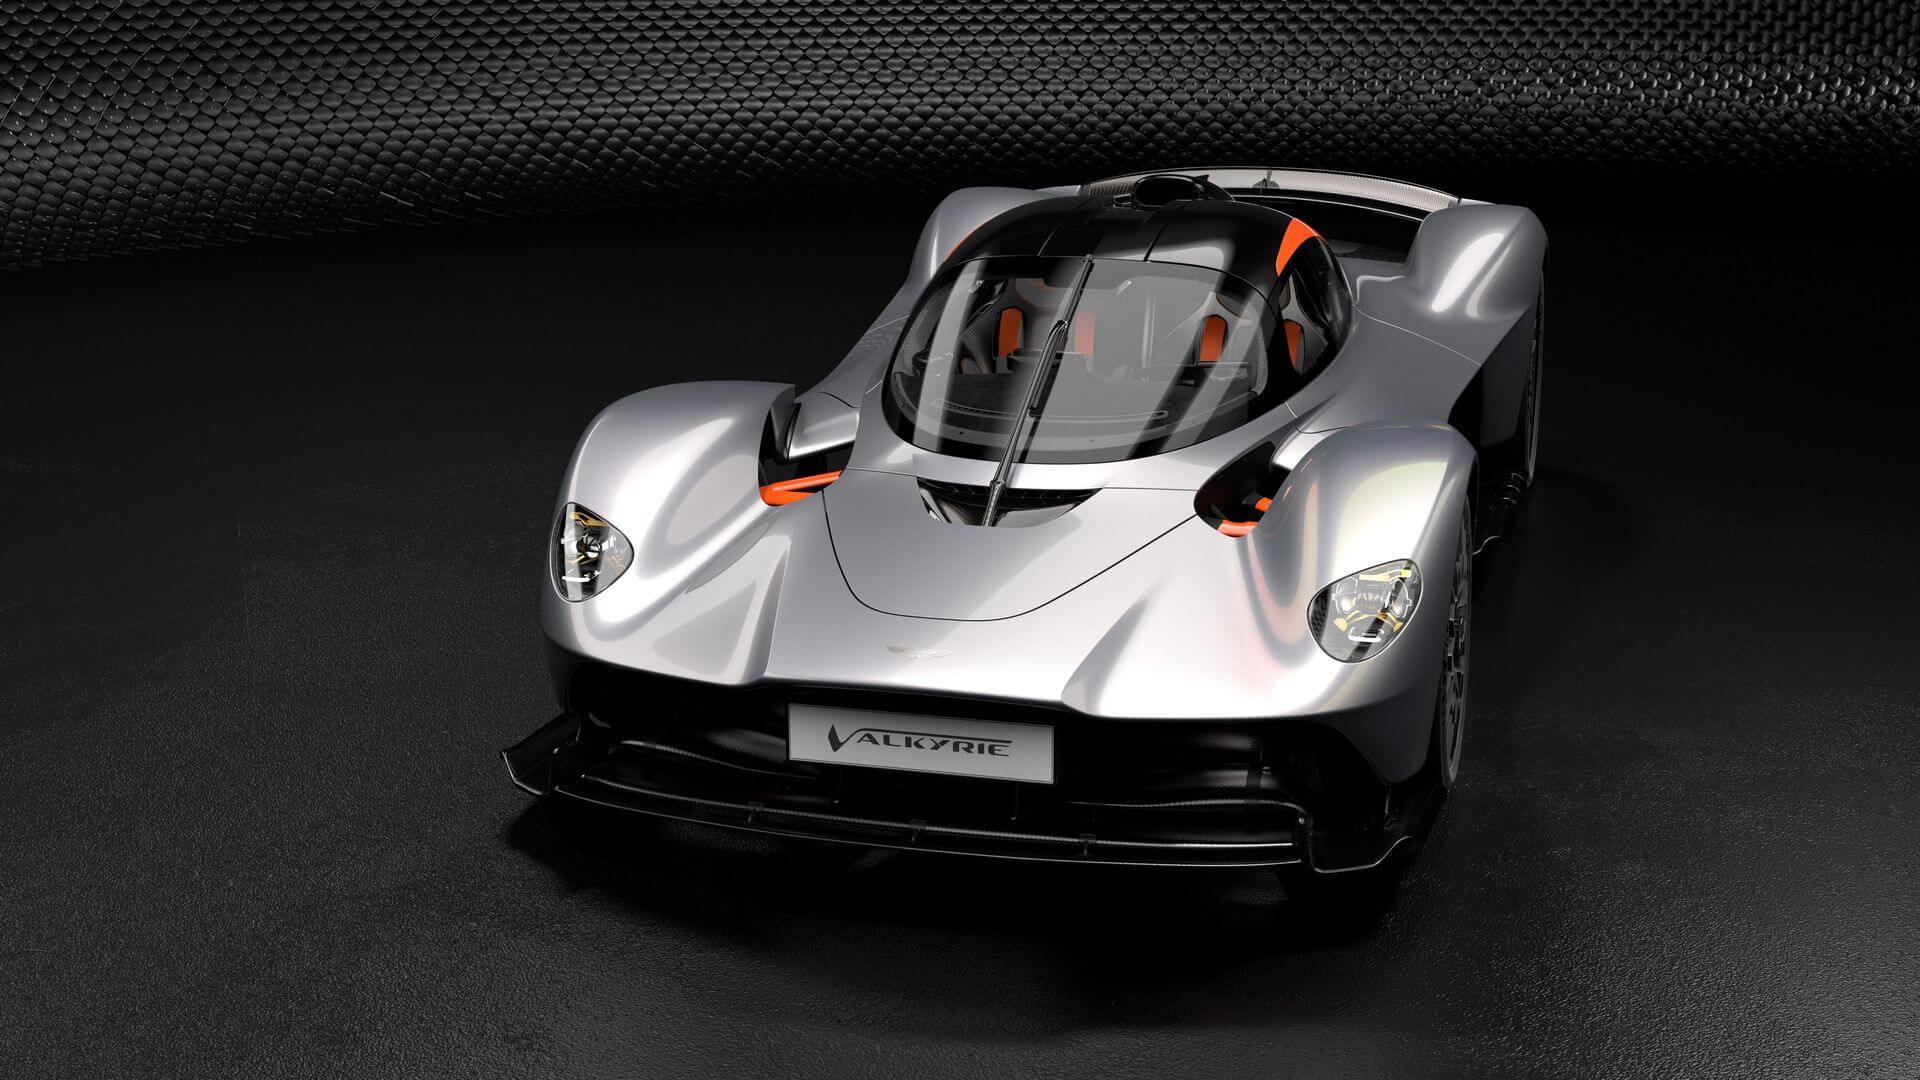 Aston Martin Vlakyrie: frontal.